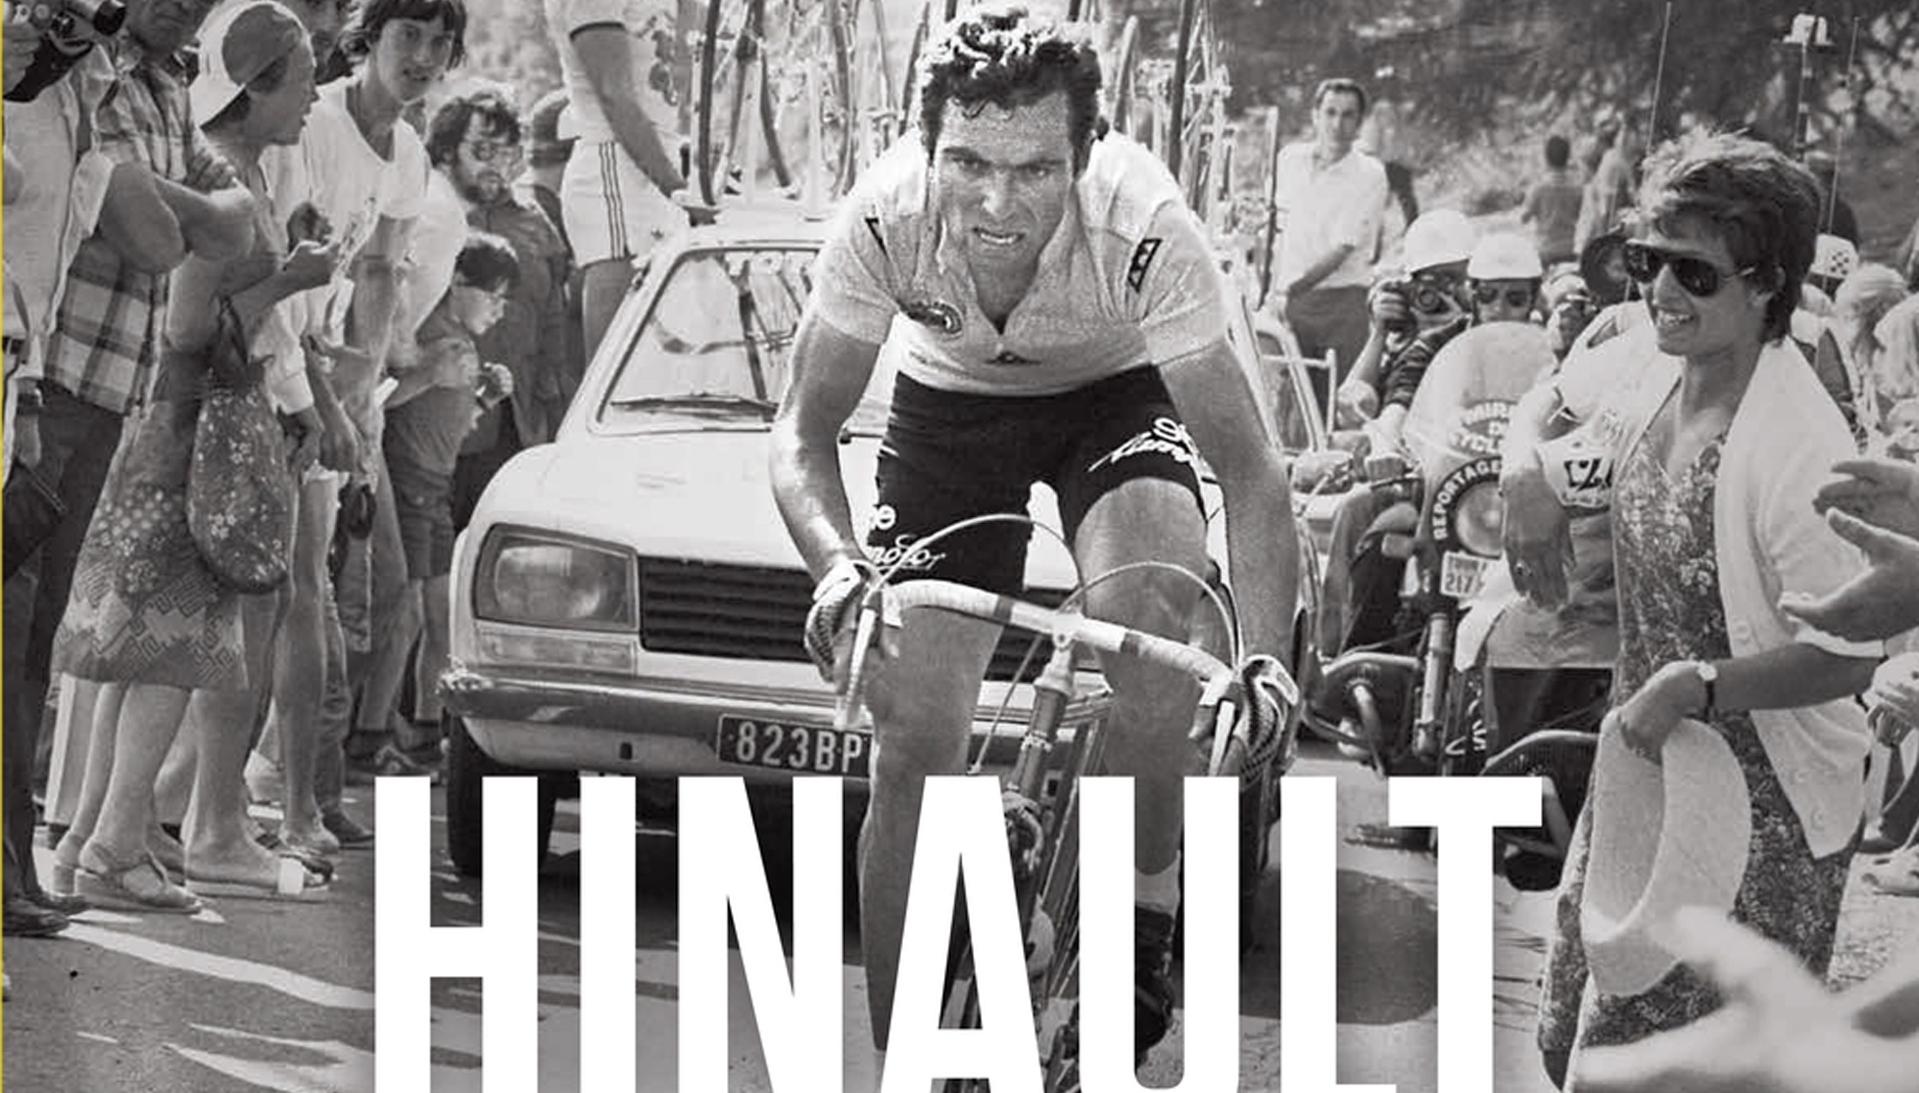 Book Review: Hinault